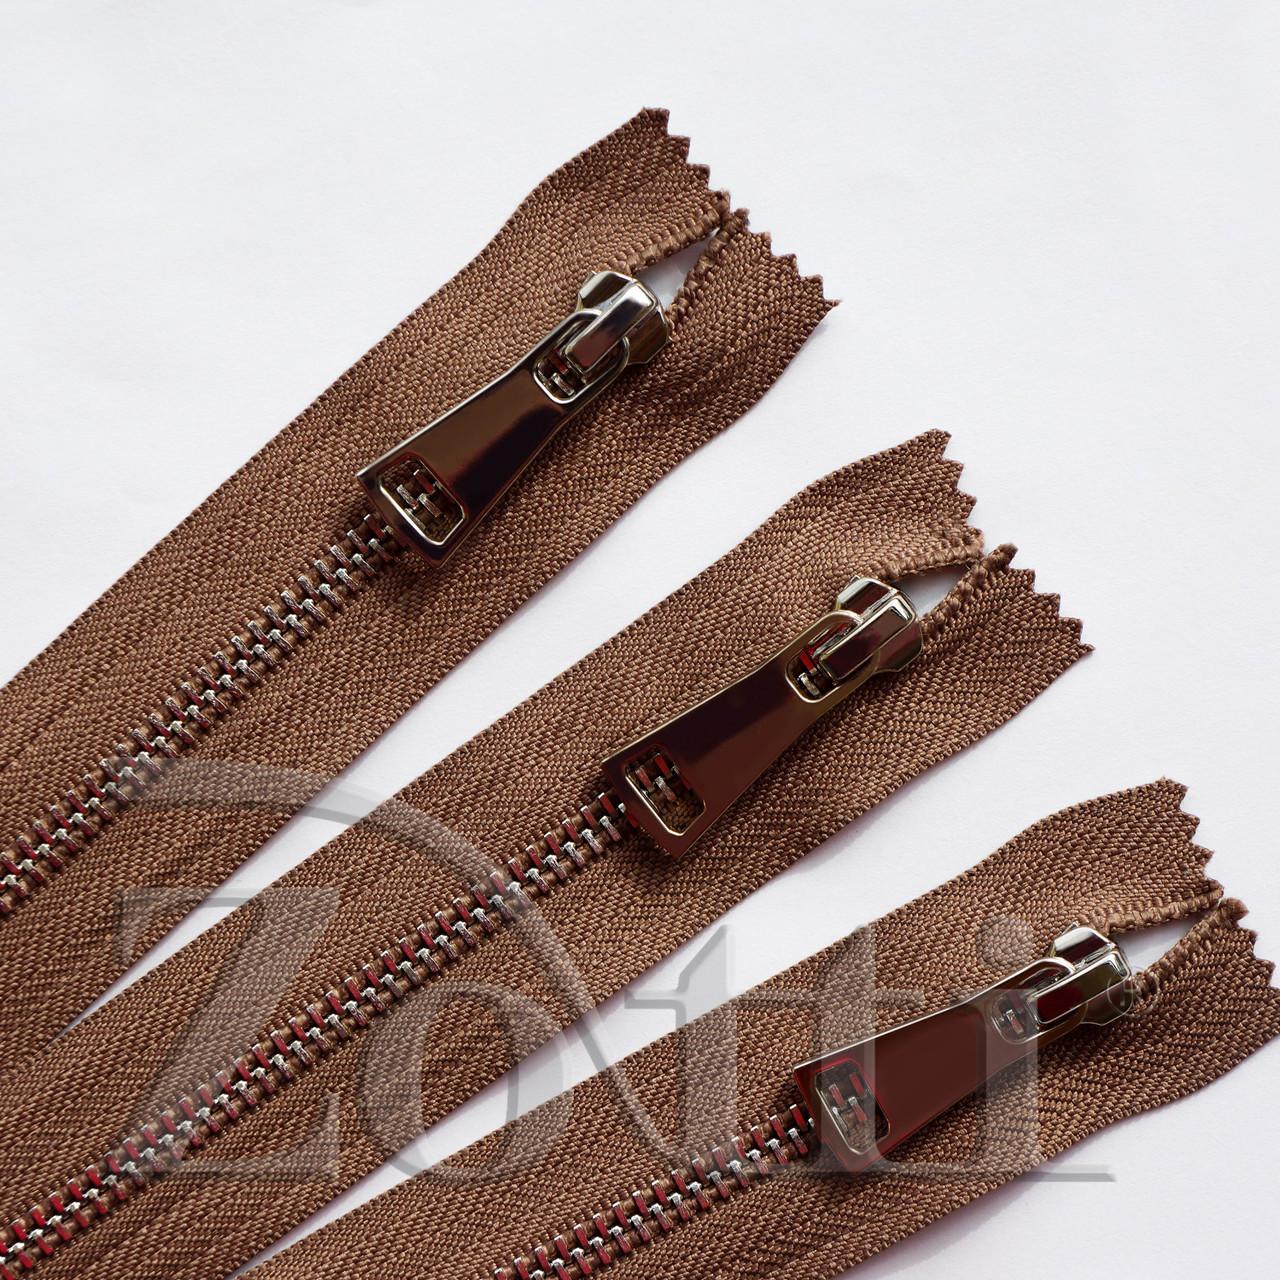 Молния (змейка,застежка) металлическая №5, размерная, обувная, коричневая, с серебряным бегунком № 115 - 40 см